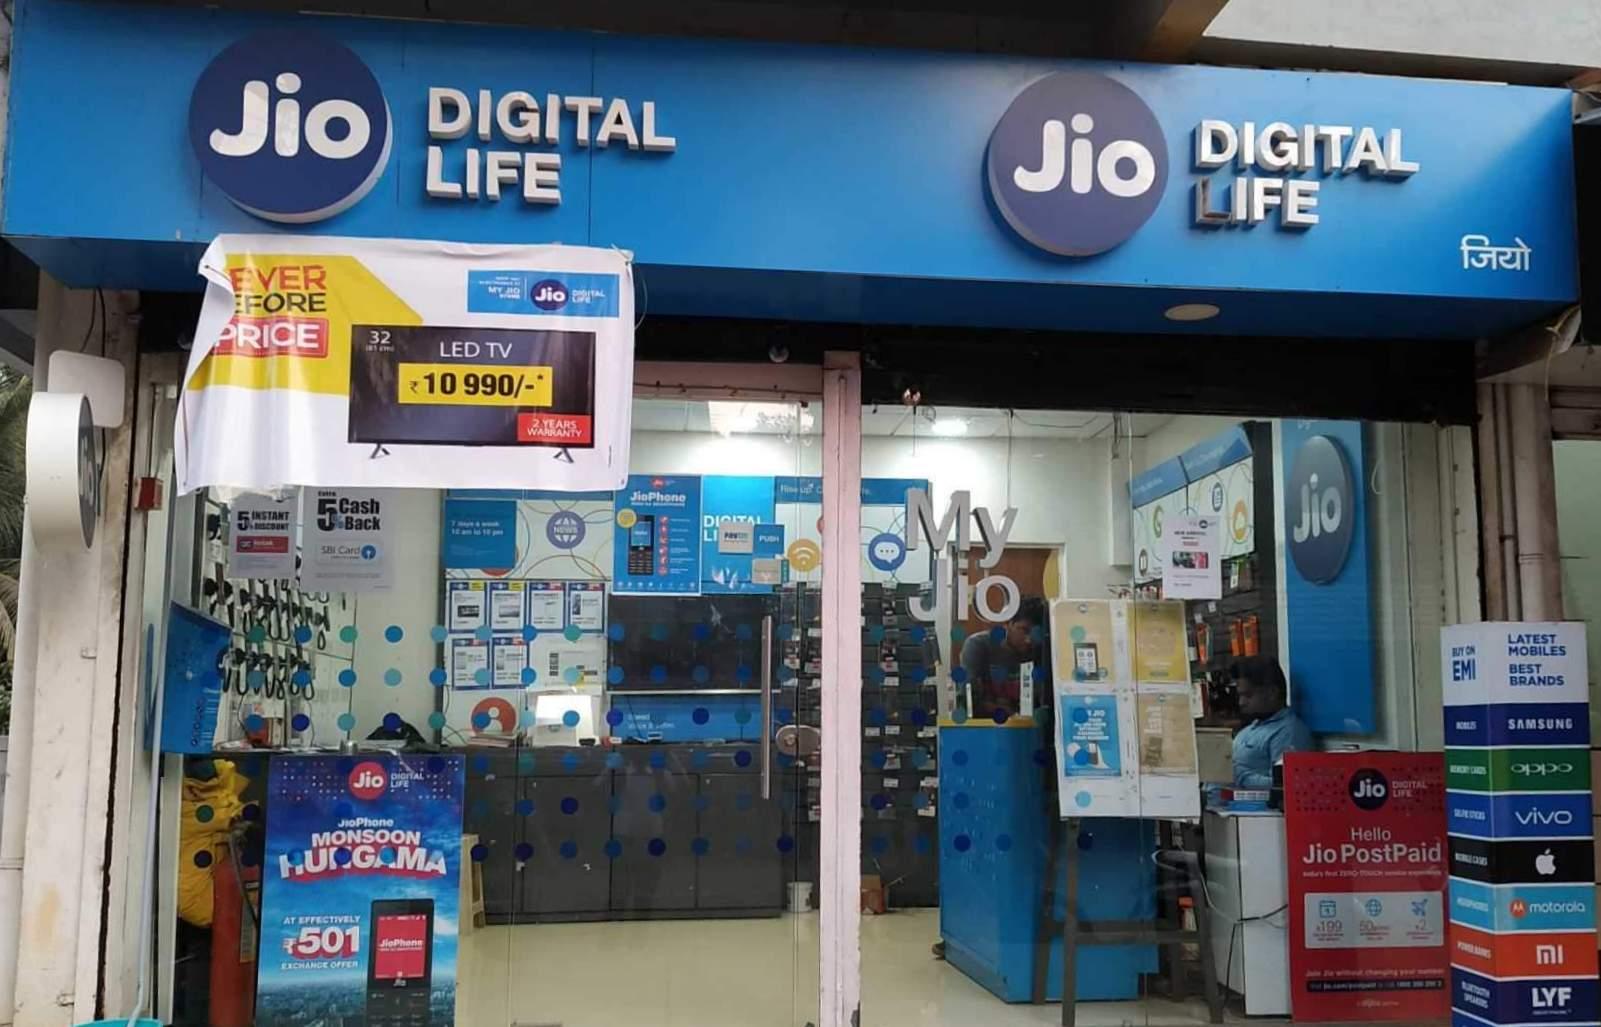 Jio digital store